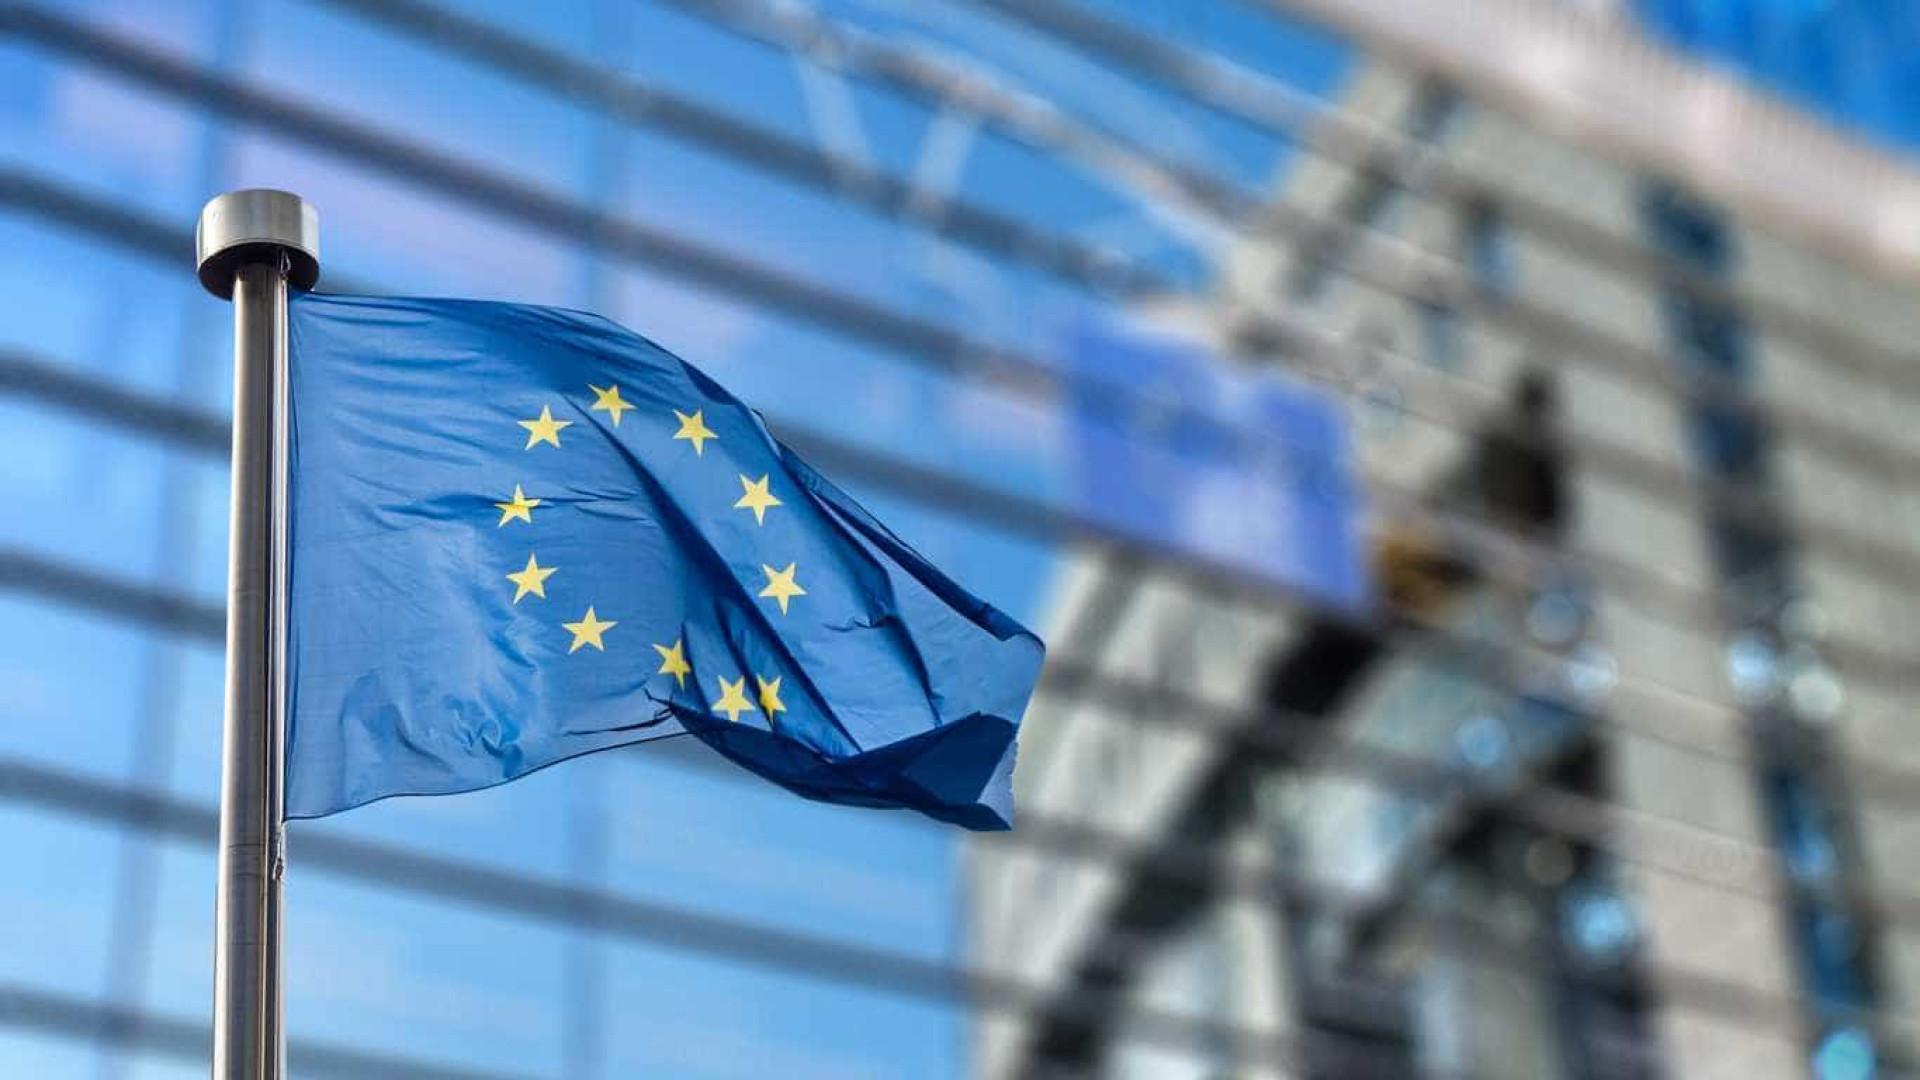 Votos de domingo em Itália e Áustria podem criar efeito dominó na Europa